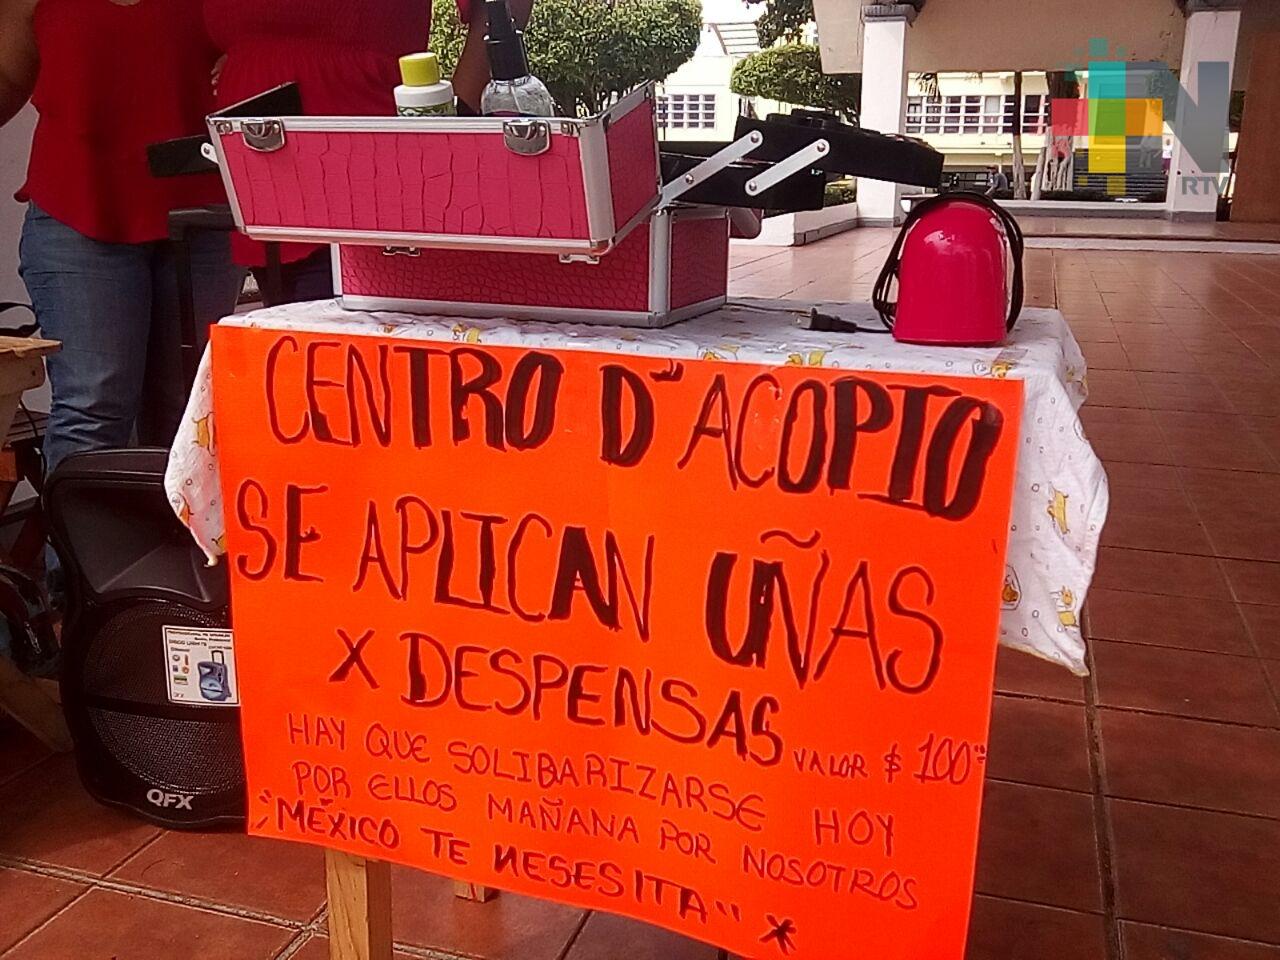 Estilistas de Coatzacoalcos darán servicio gratis a cambio de víveres para damnificados de sismos